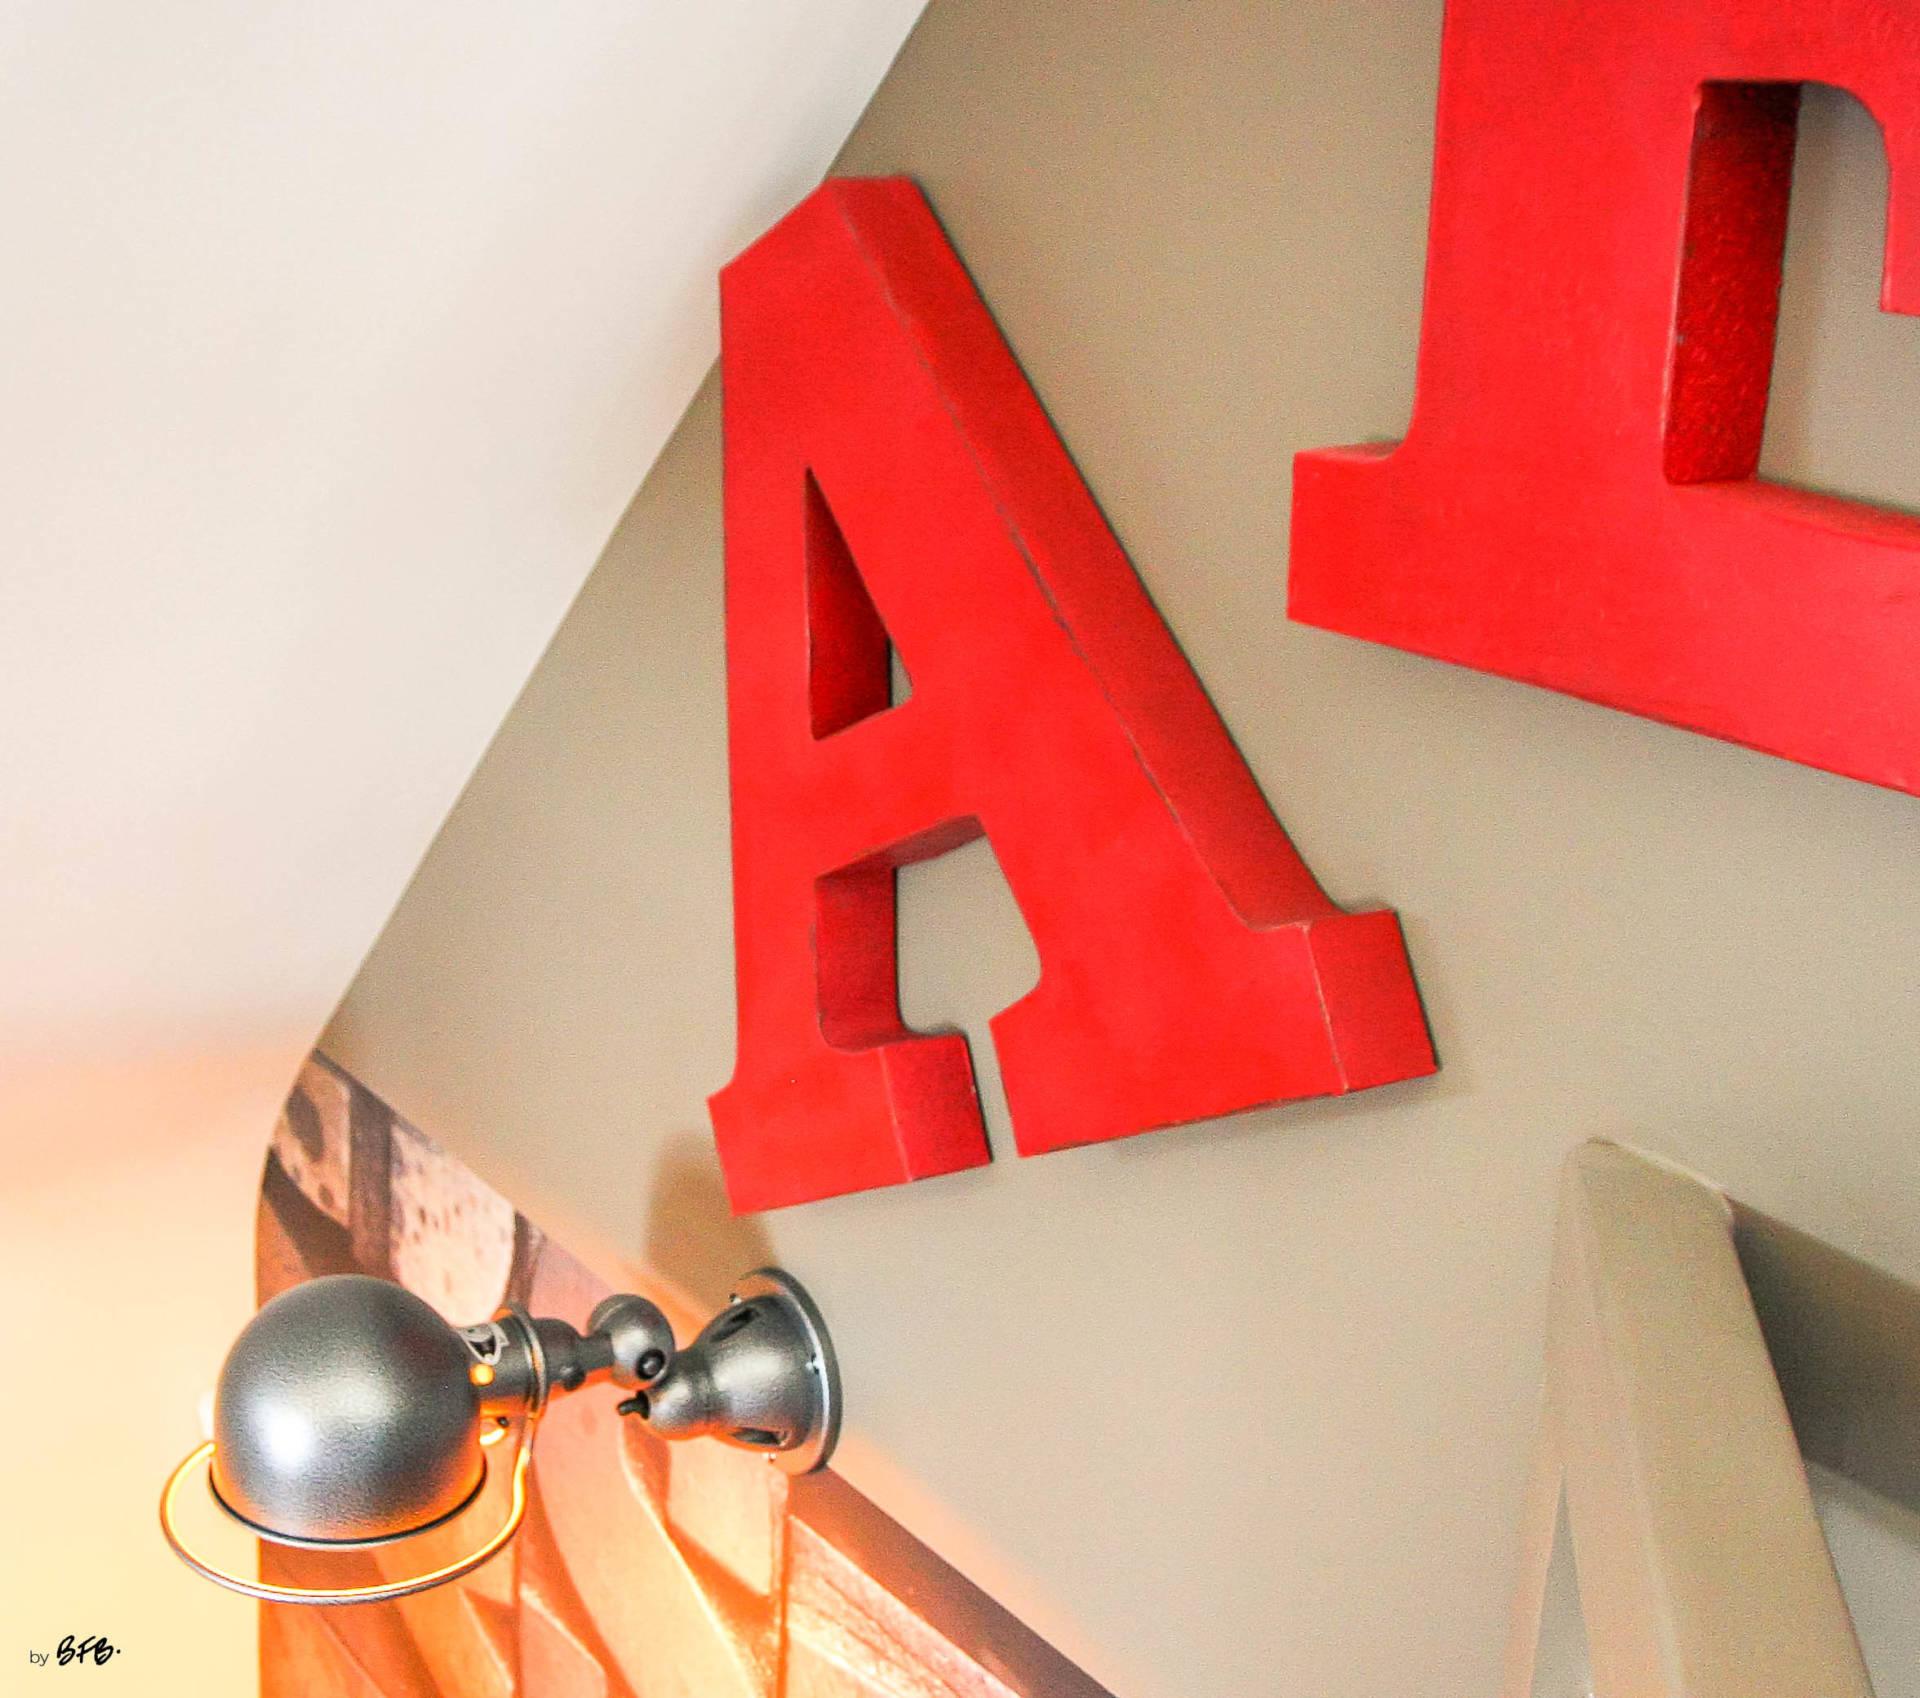 Réaménagement d'un hall d'entrée avec création ambiance à Guidel, by Agence BFB Lorient, lettres d'enseigne, rouges, lampe Jieldé